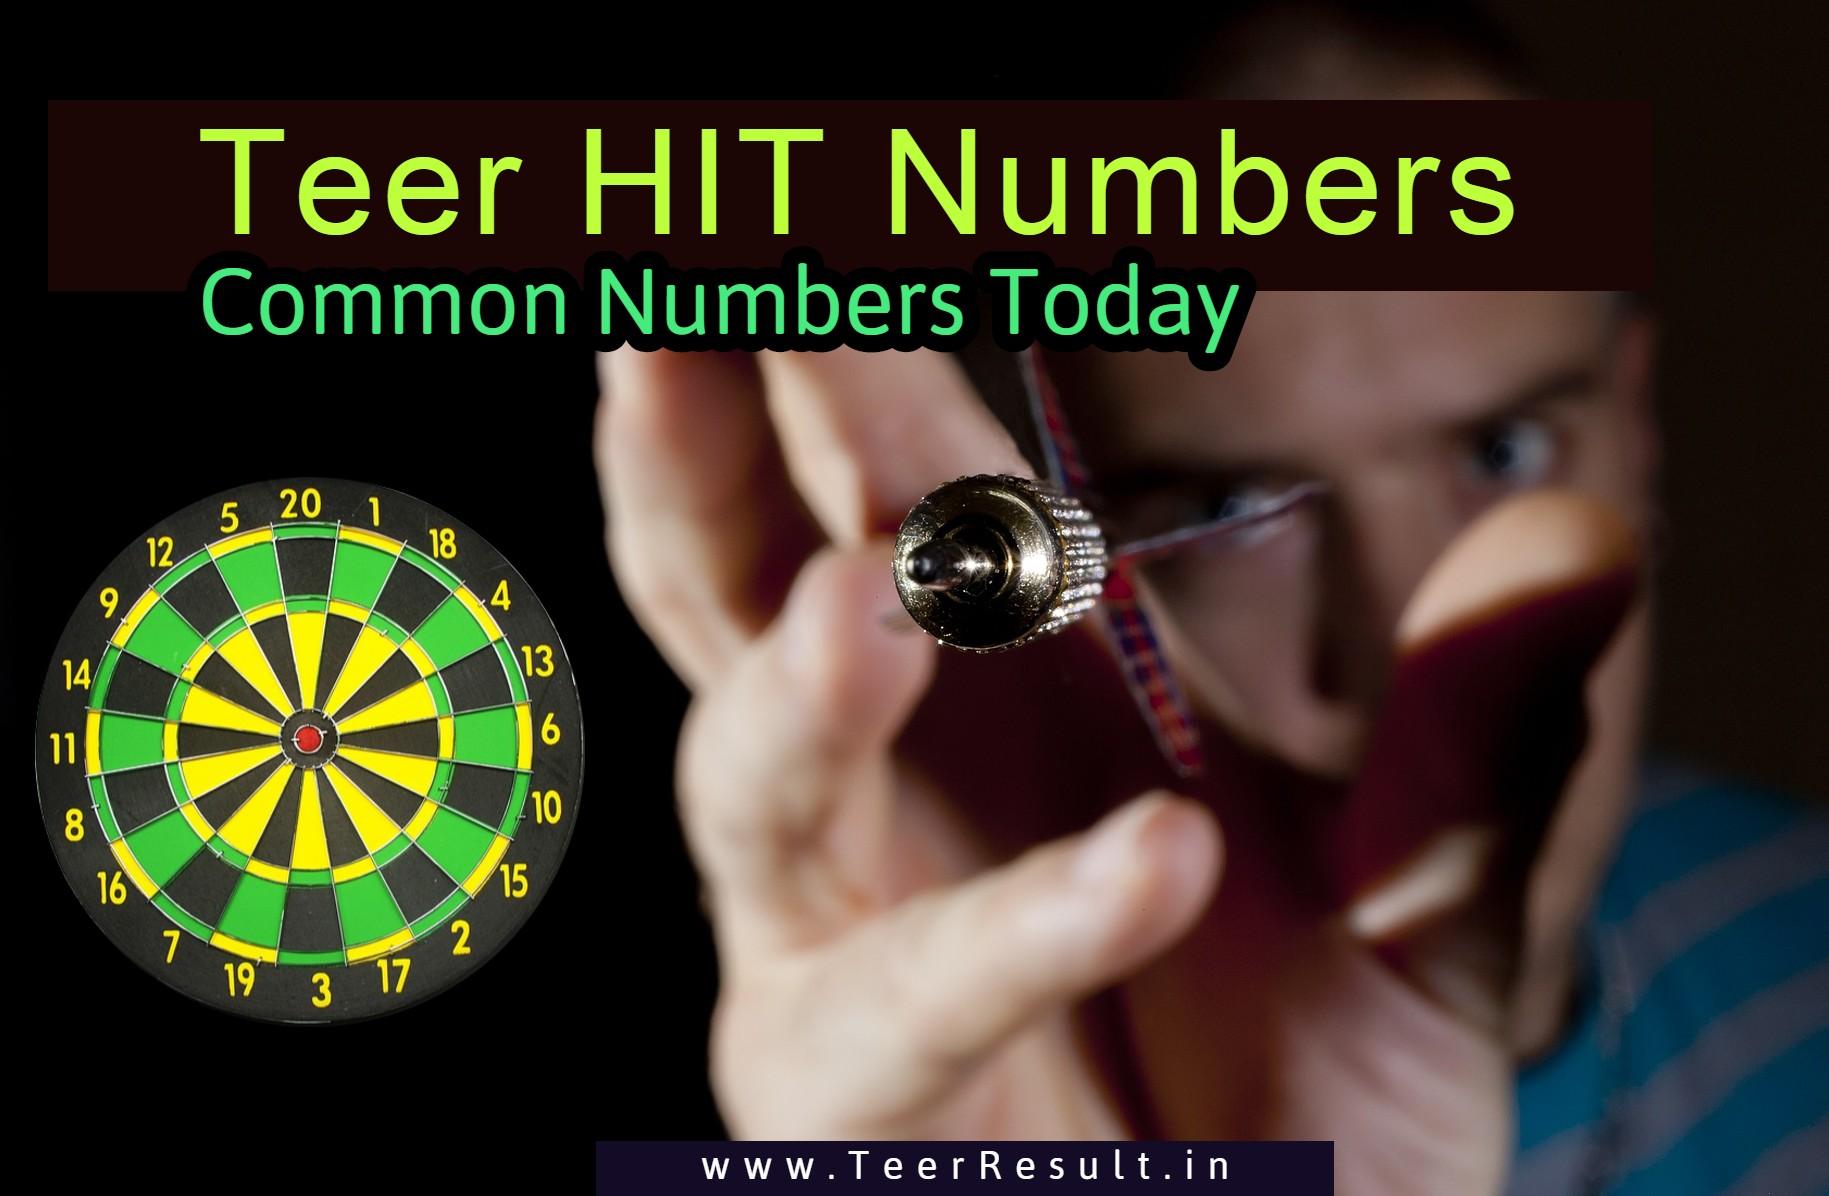 teer hit numbers